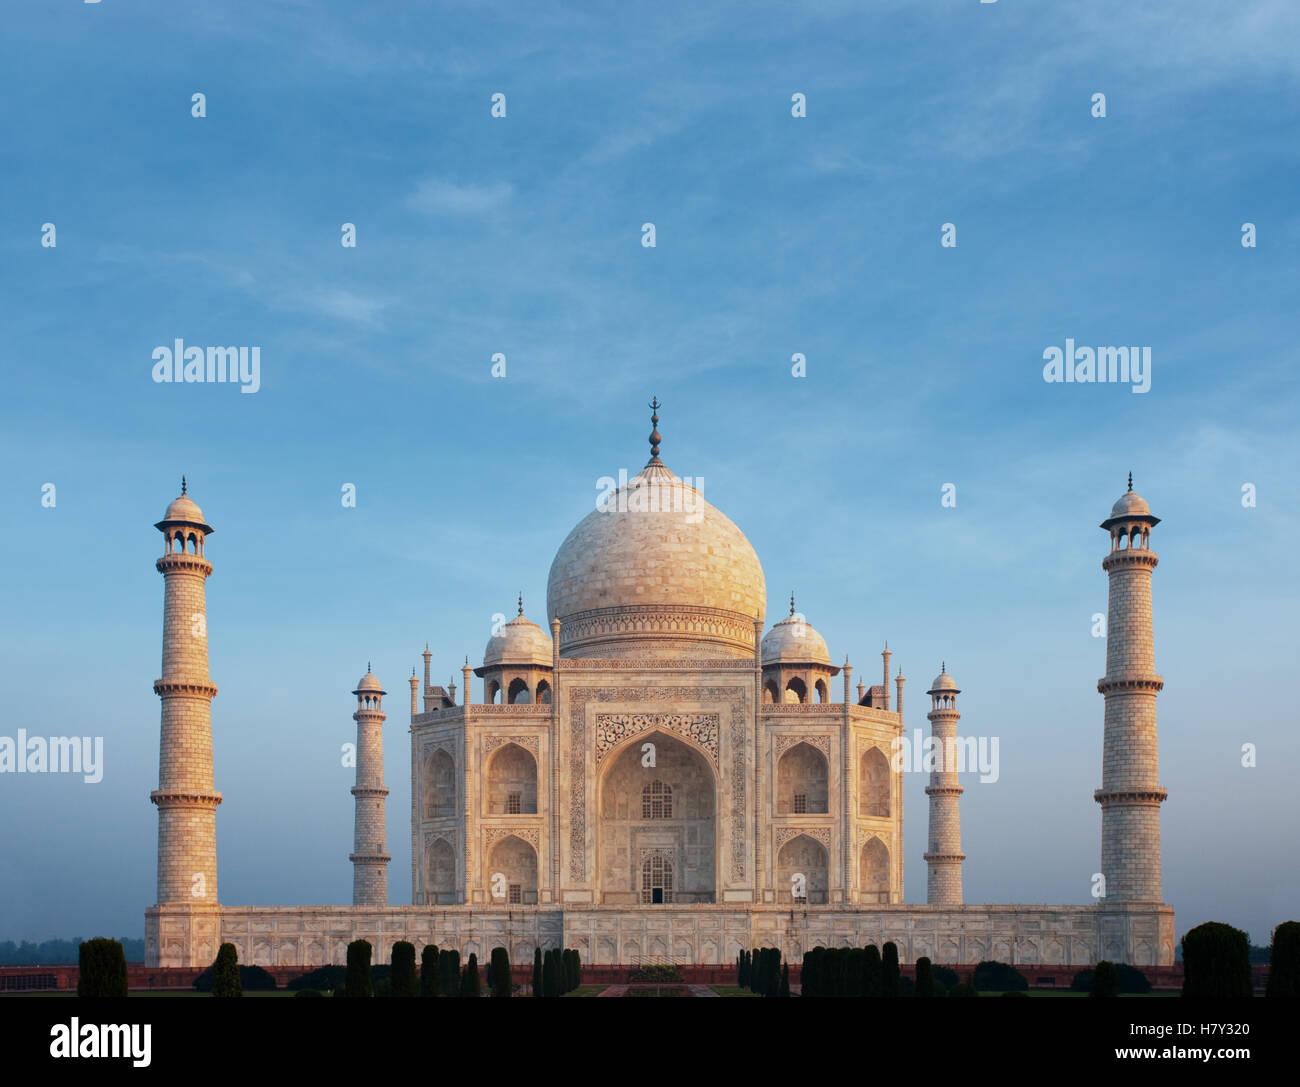 Un beau matin lueur orange sur le devant en façade de l'emblématique Taj Mahal centrée sous un Photo Stock